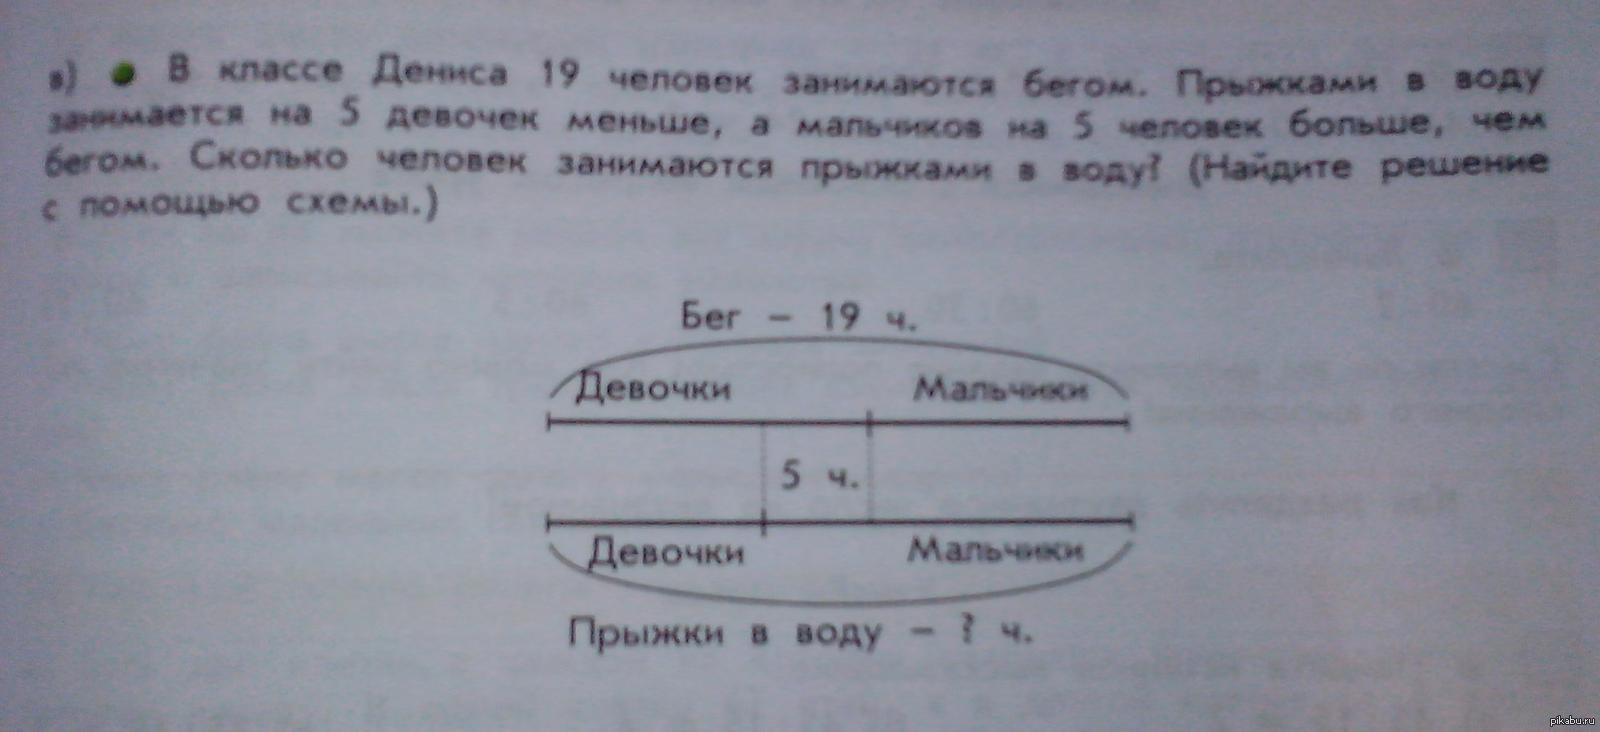 Решение задач с помощью схем начальная школа экзамена билет рф